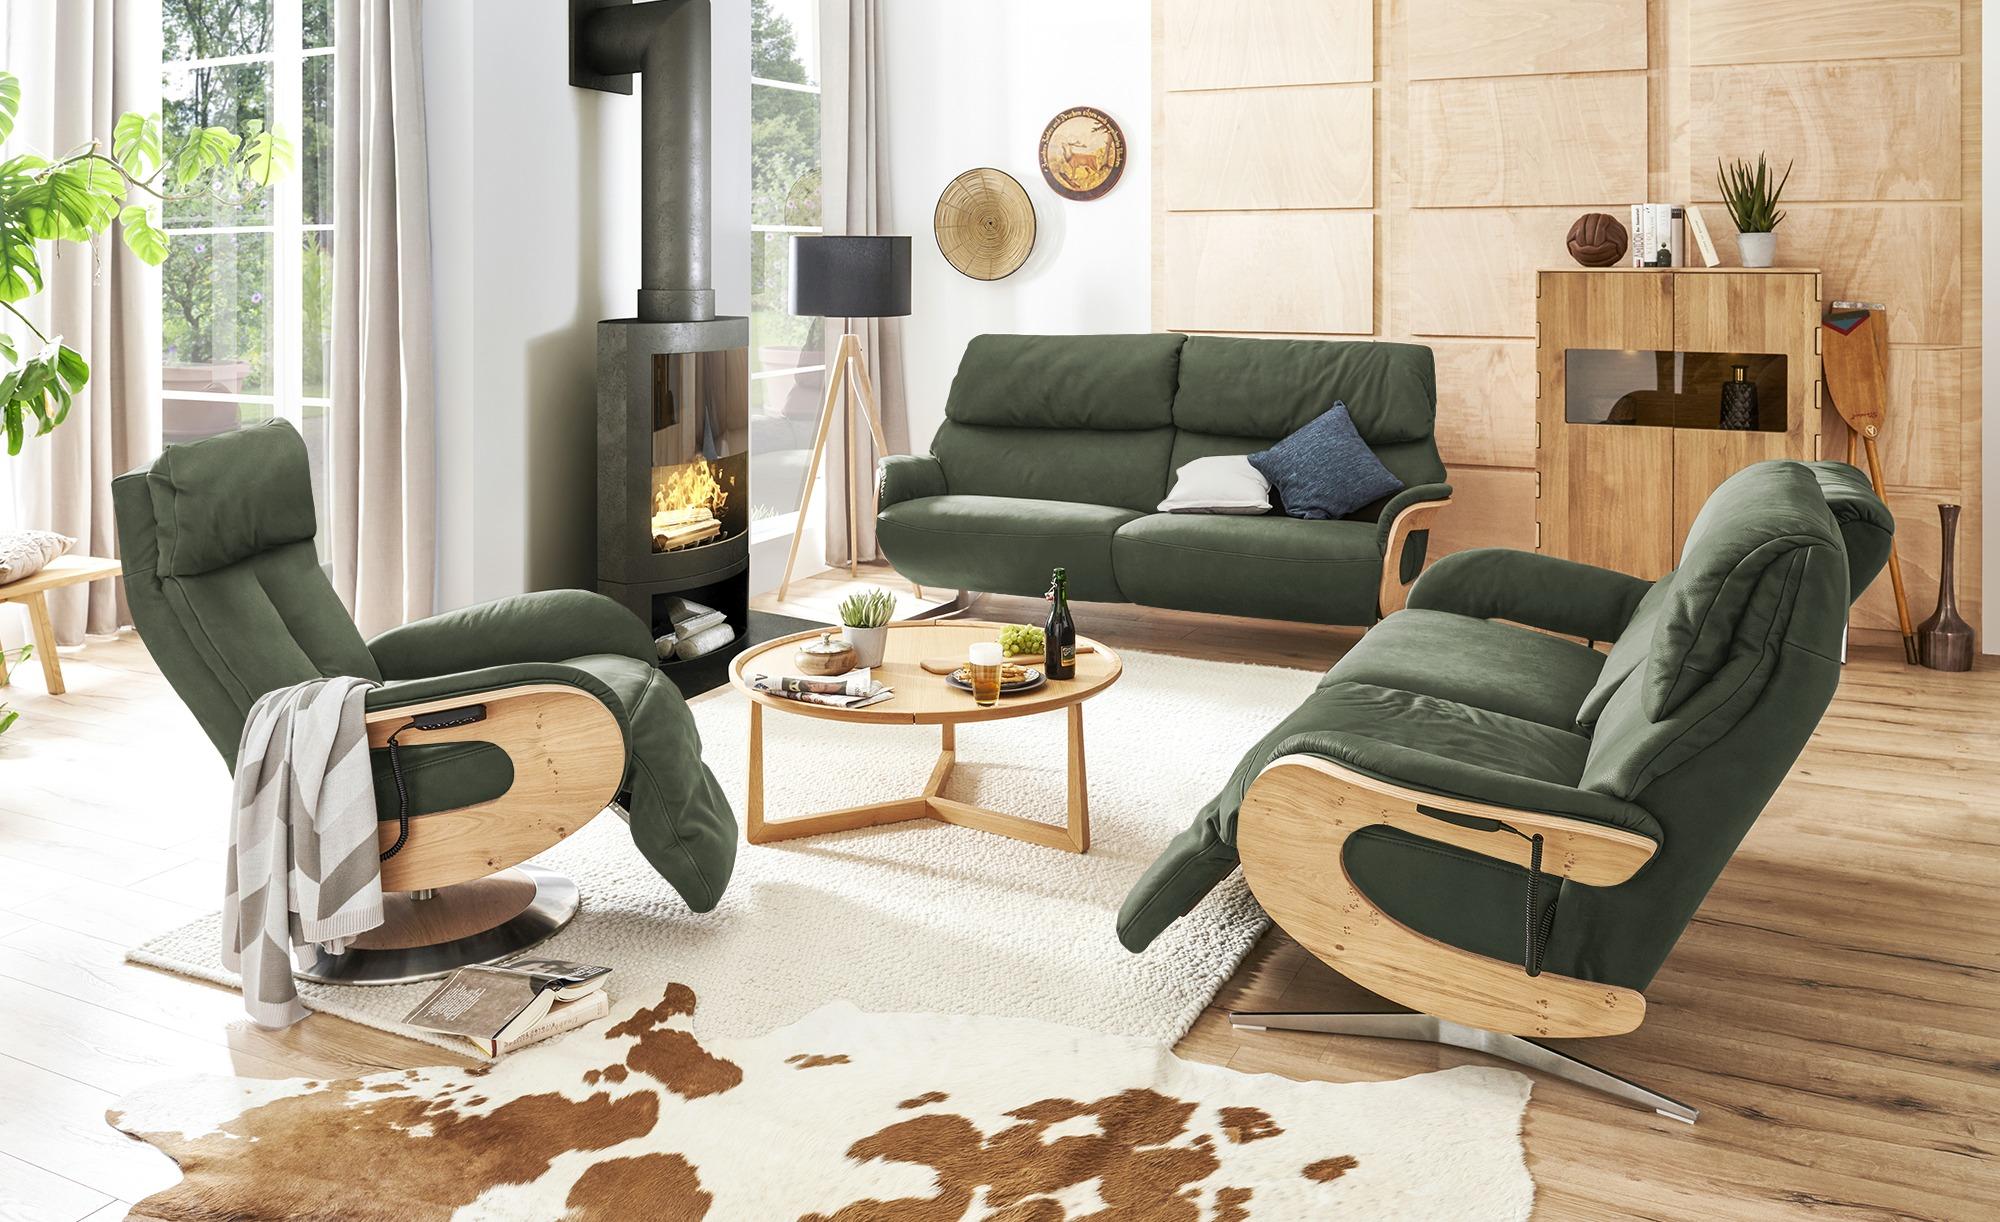 himolla Funktionssessel Leder  7818 ¦ grün ¦ Maße (cm): B: 75 H: 112 T: 87 Polstermöbel > Sessel > Fernsehsessel - Höffner